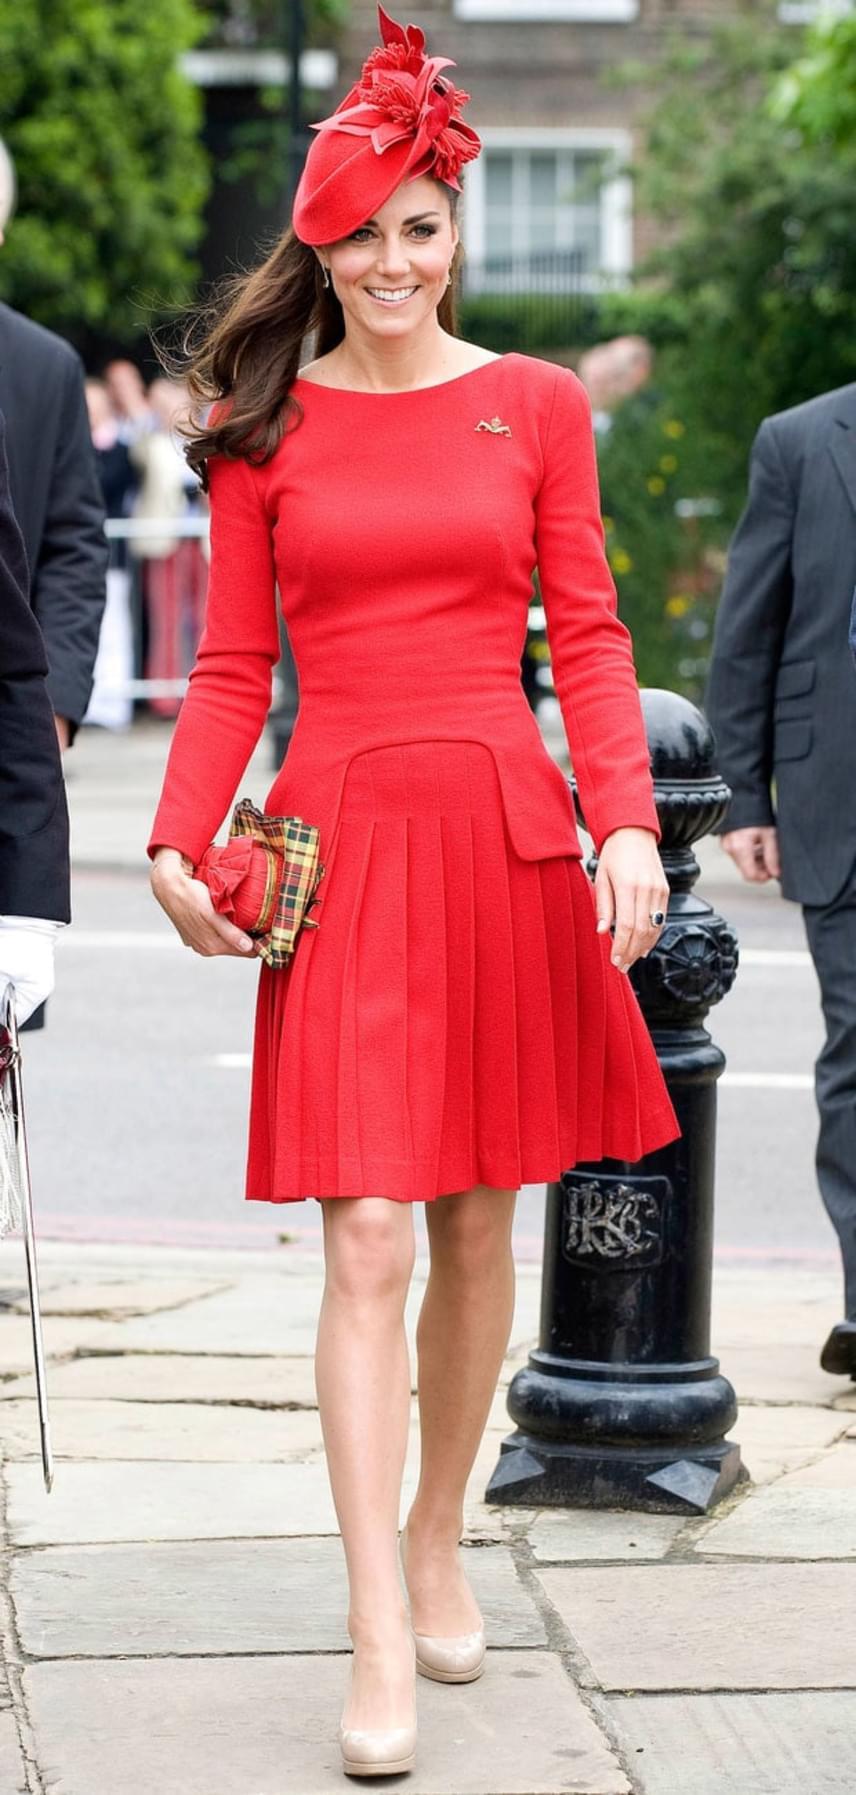 Csak és kizárólag neki készítette ezt a ruhát Alexander McQueen - természetesen hozzá illő fejdísszel, ahogy az egy hercegnőnek dukál.